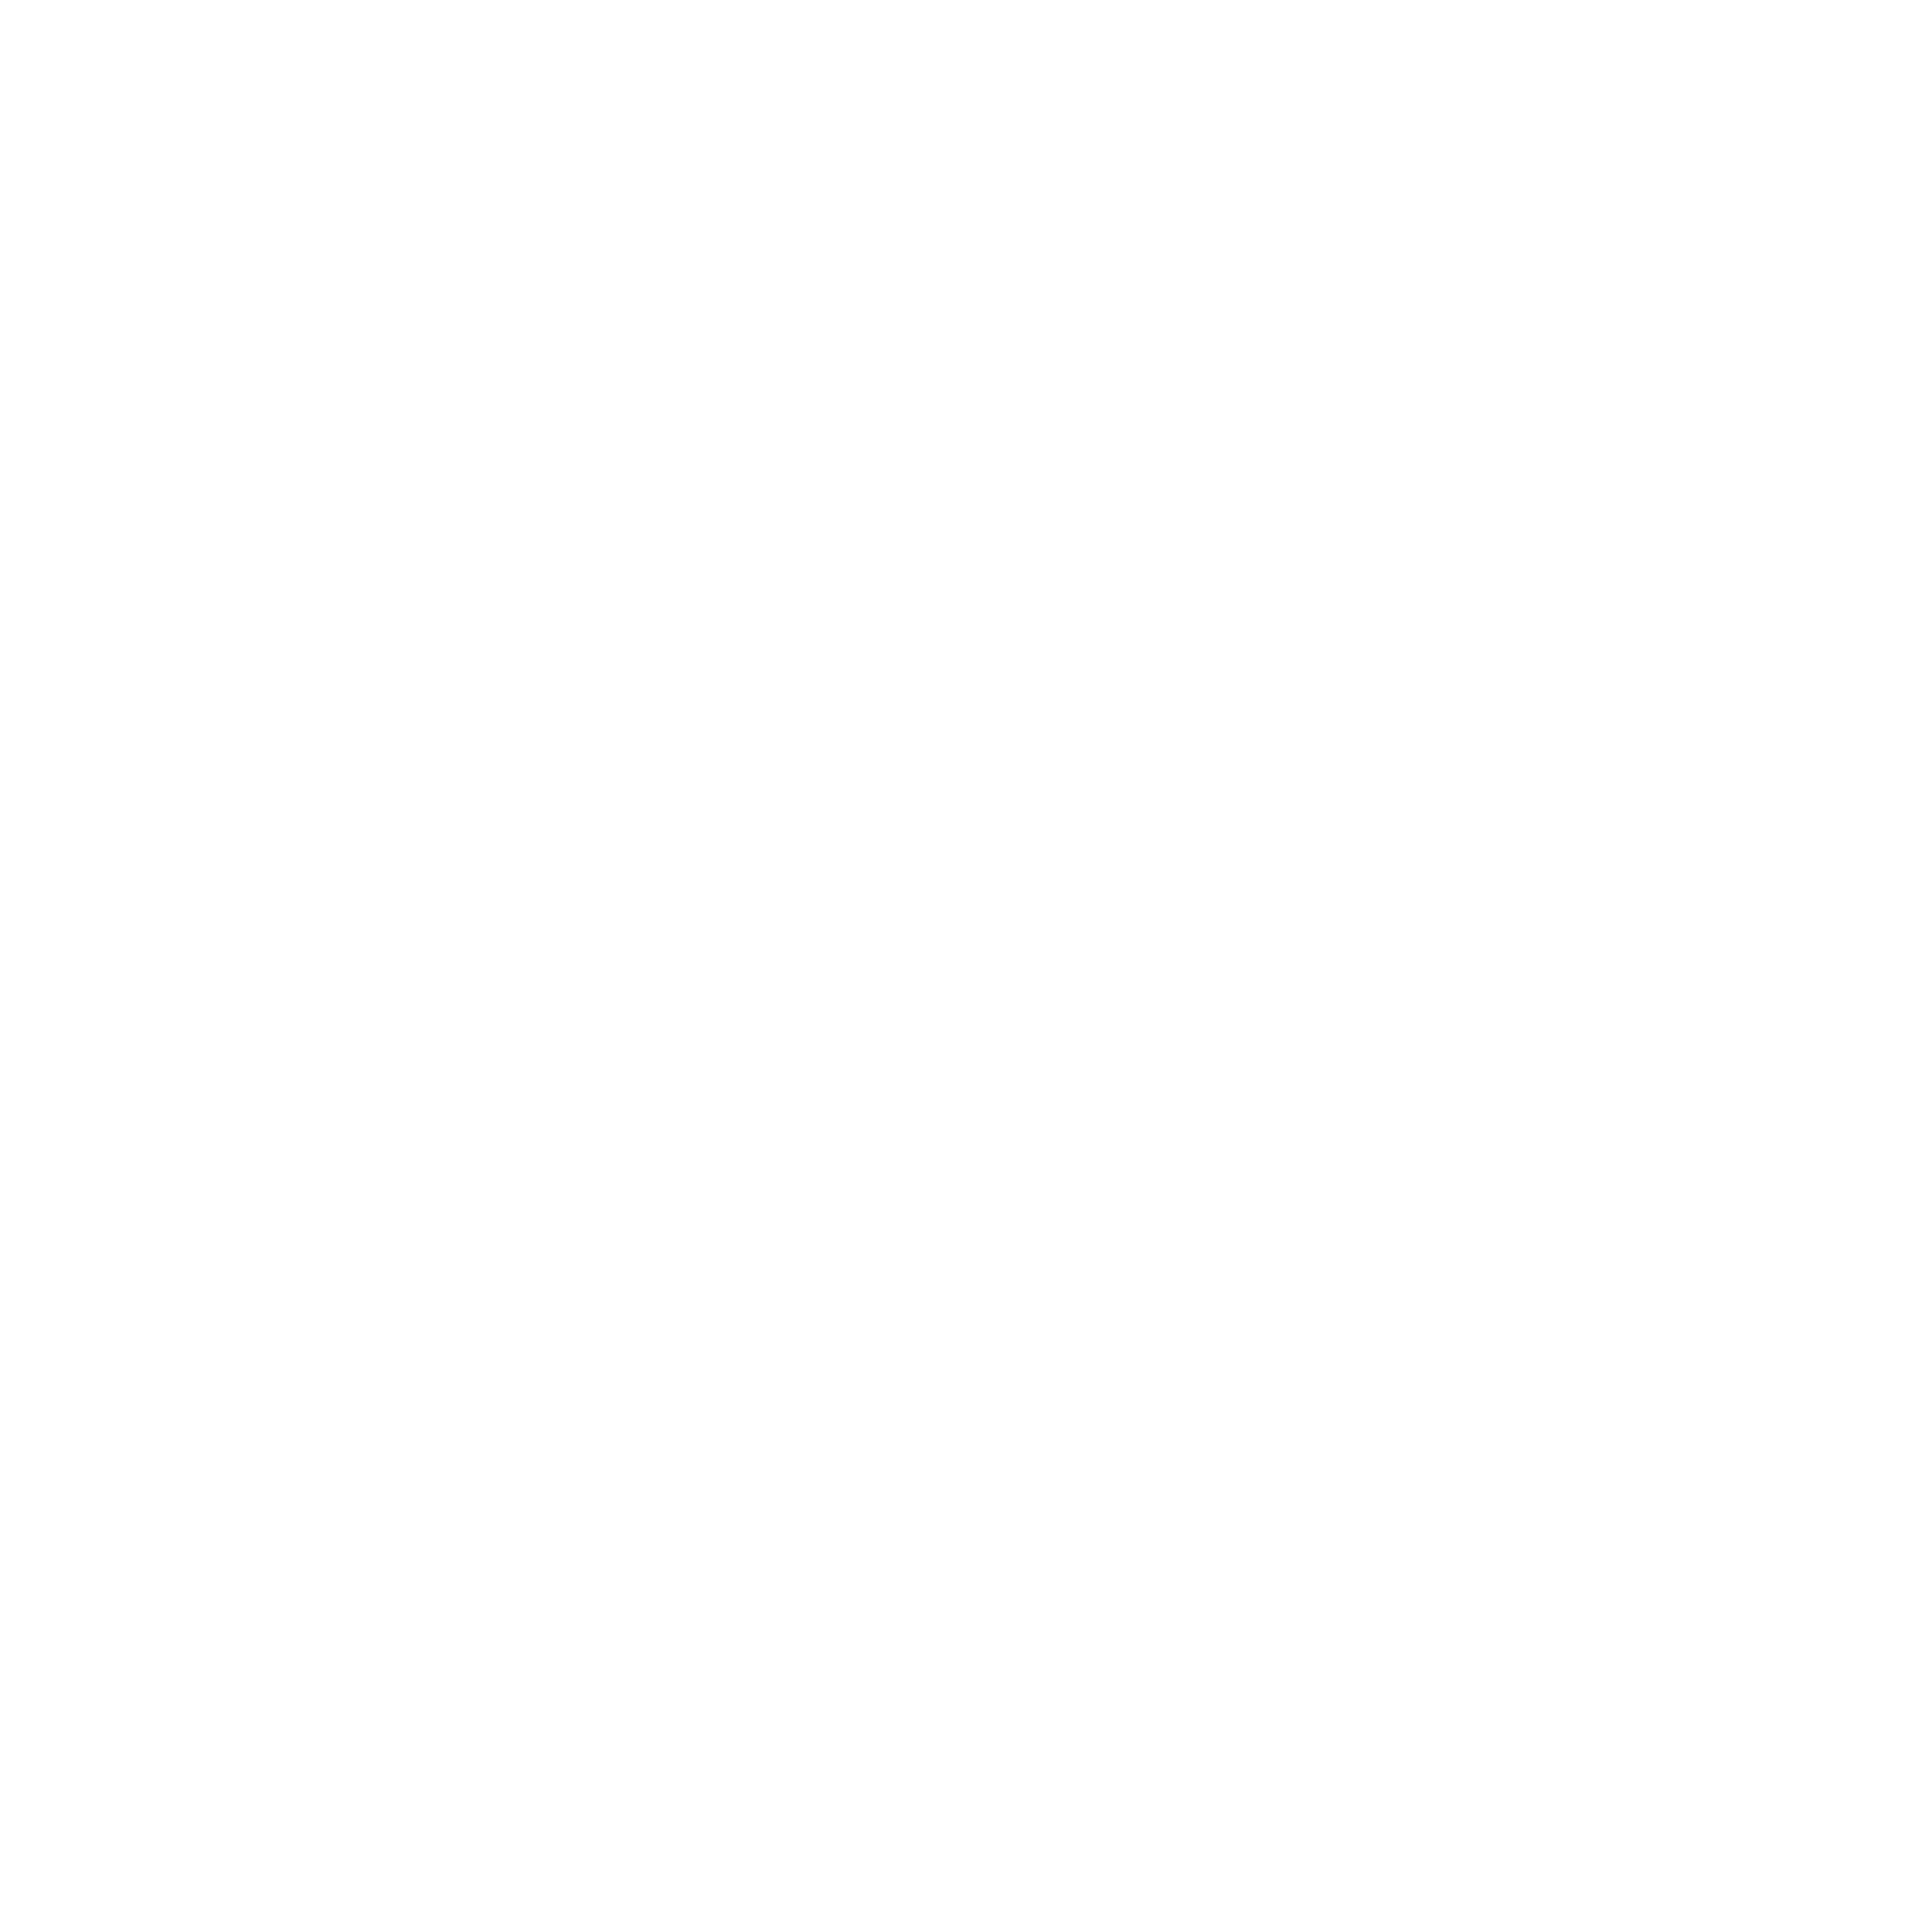 AURELIE GASSER PHOTOGRAPHE - LORRAINE LUXEMBOURG